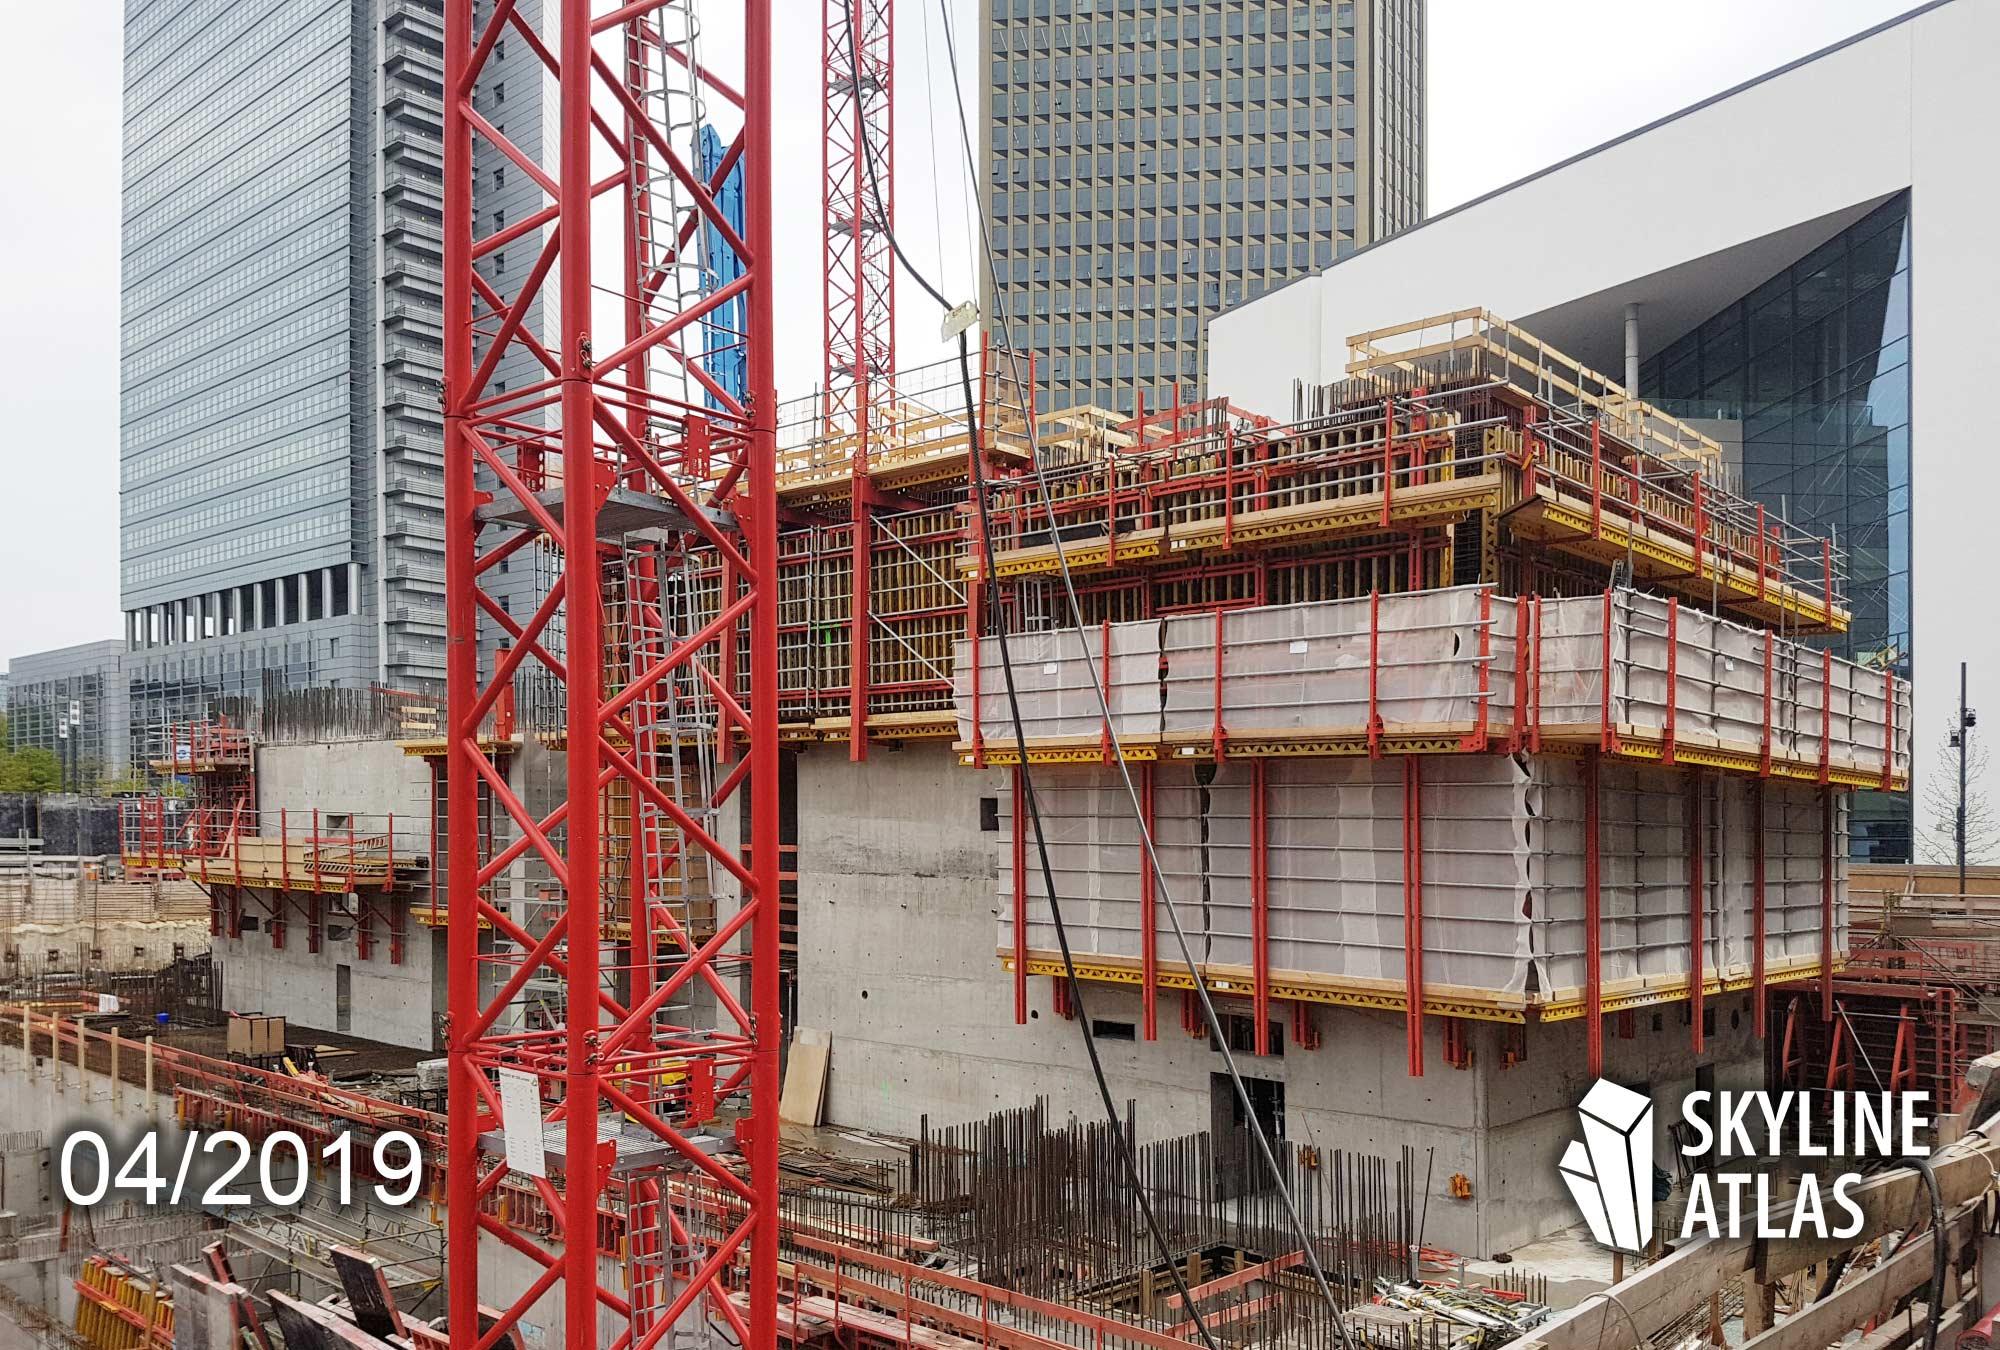 ONE - Hochhaus in Frankfurt - Wolkenkratzer im Bau - CA Immo Projektentwickler - Bauarbeiten - April 2019